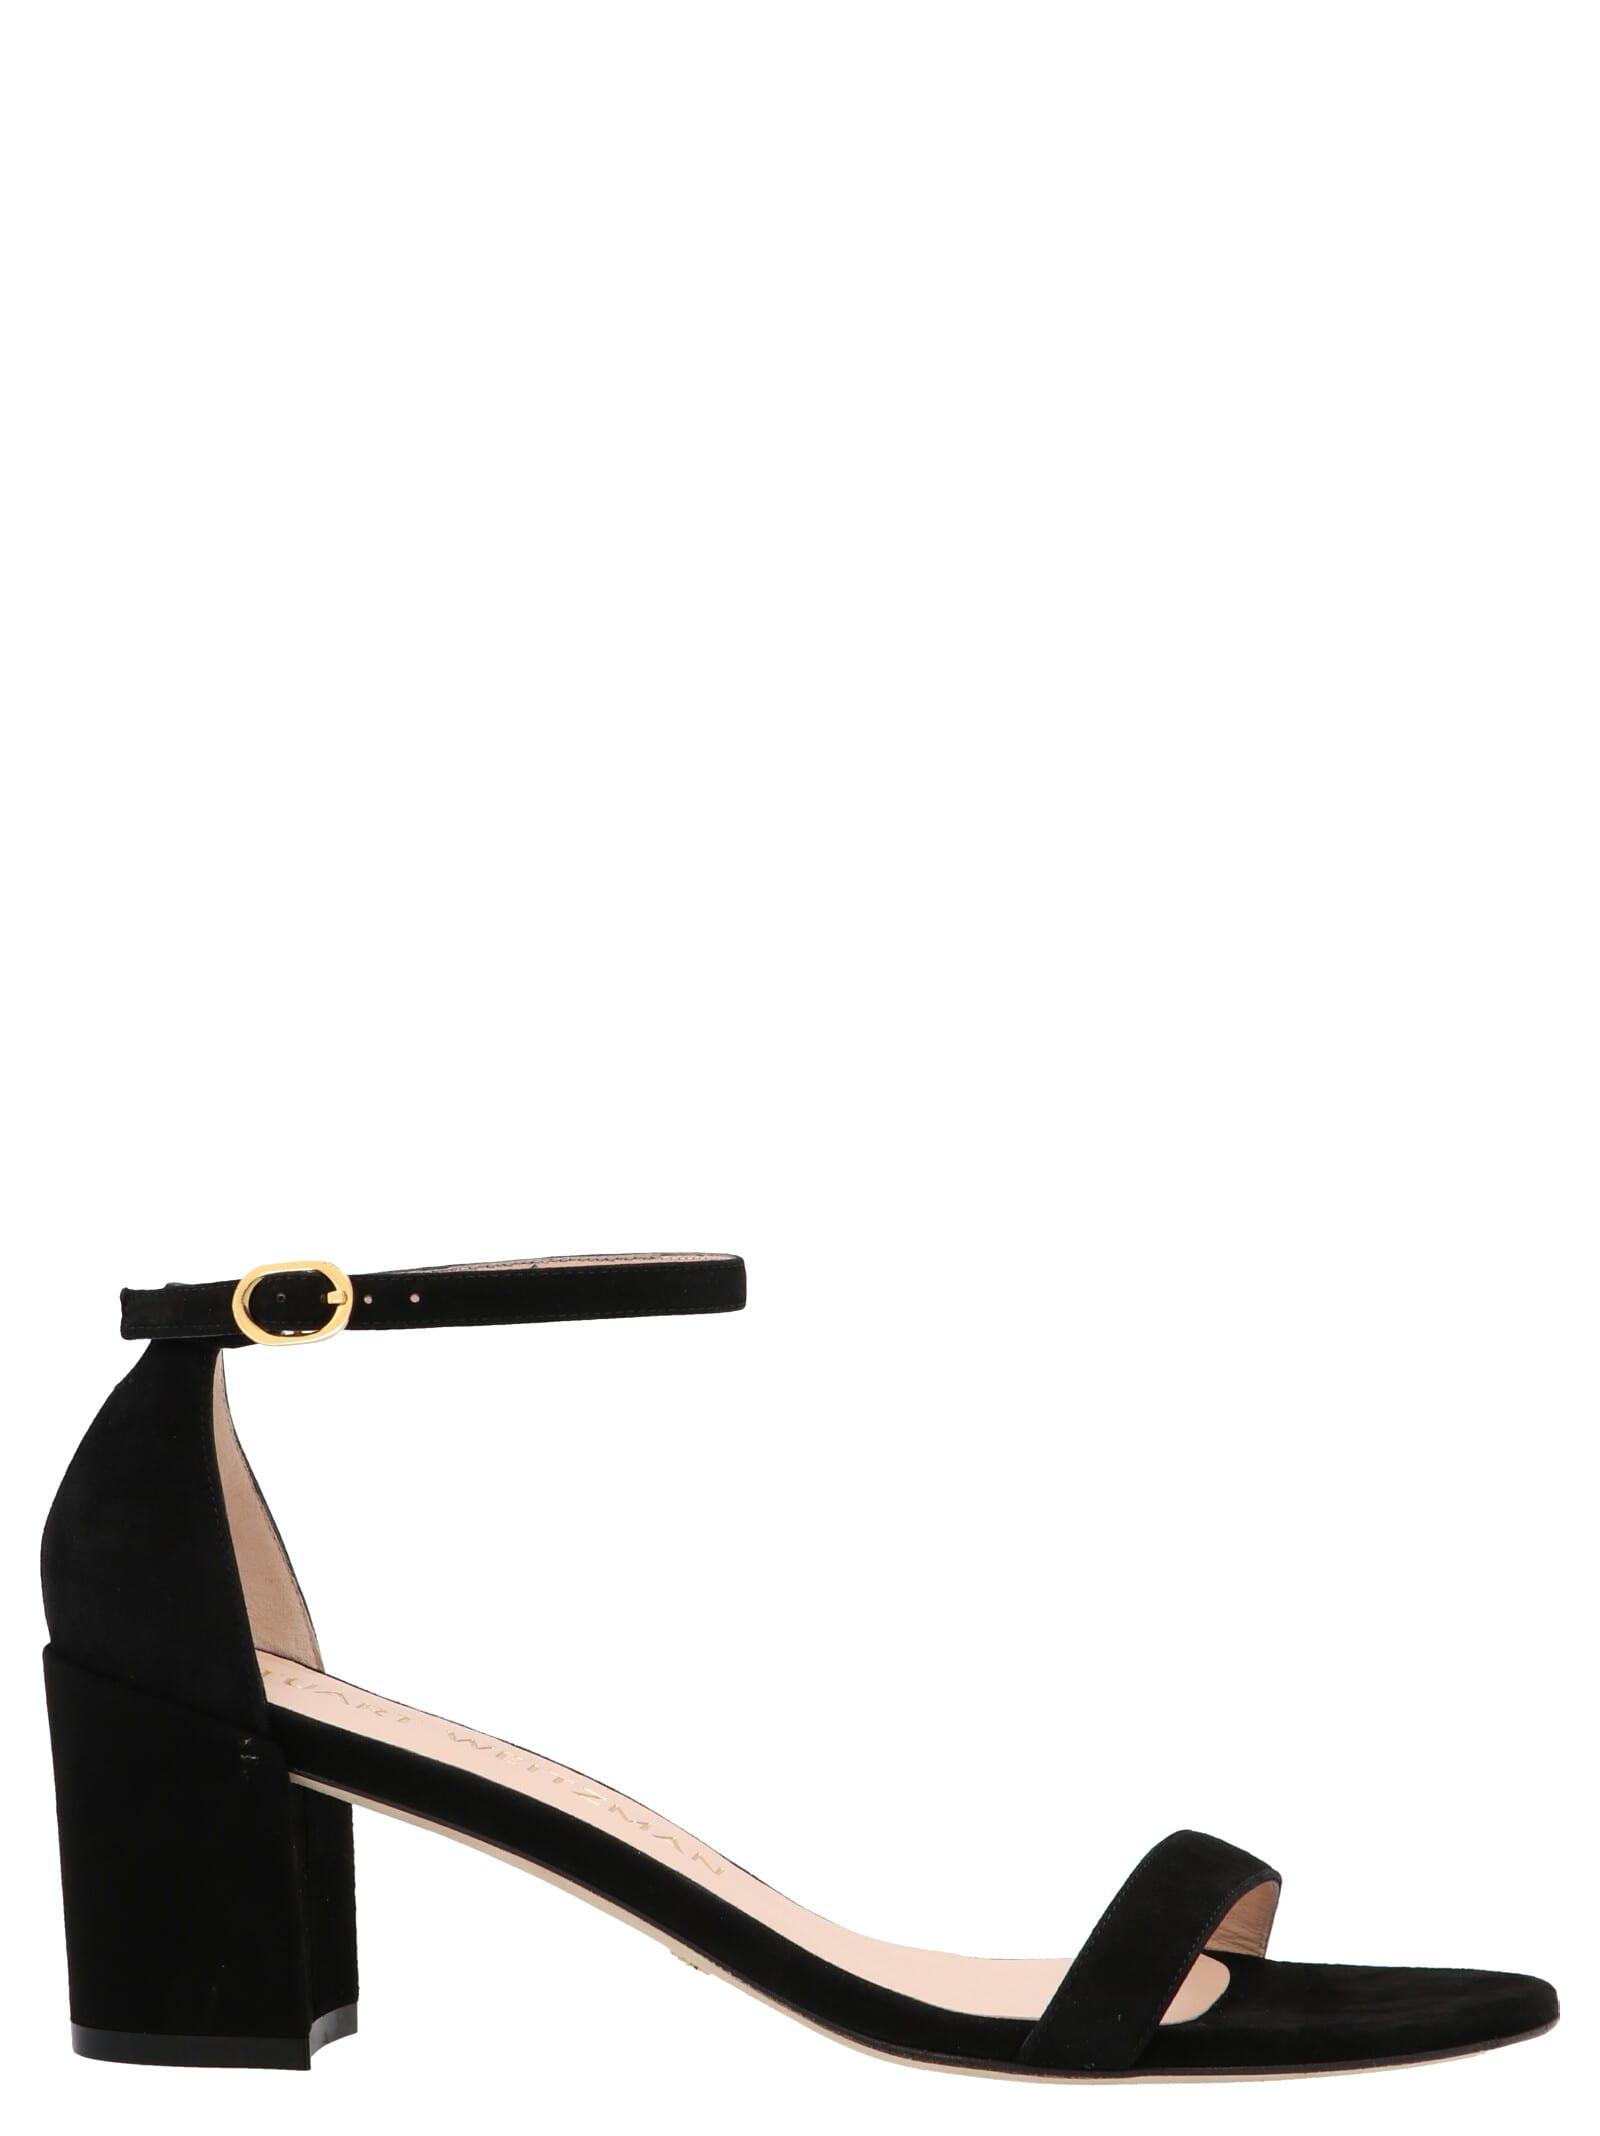 Stuart Weitzman simple Shoes